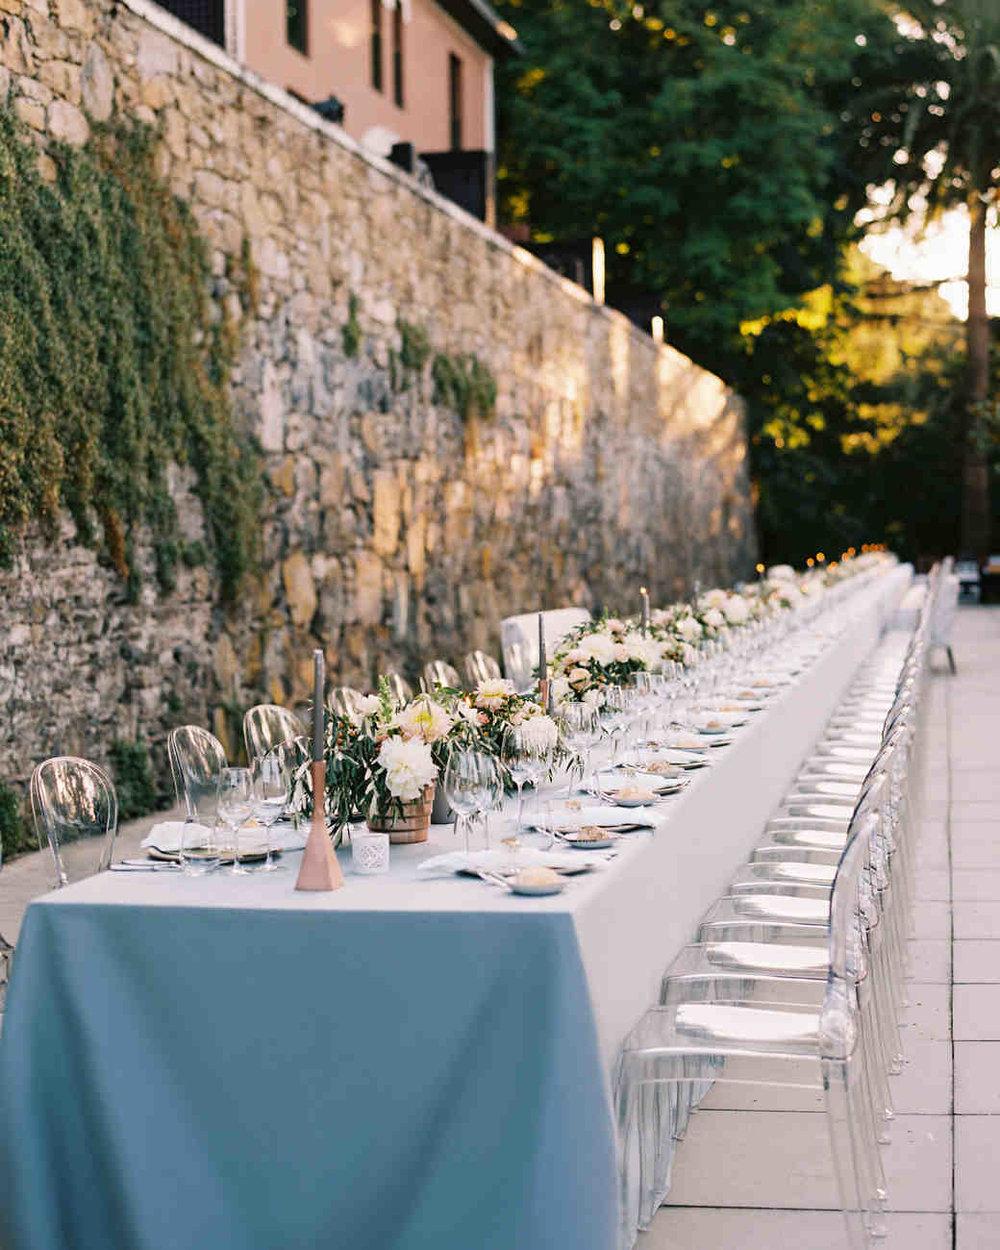 jeannette-taylor-wedding-portugal-table-103105720_vert.jpg